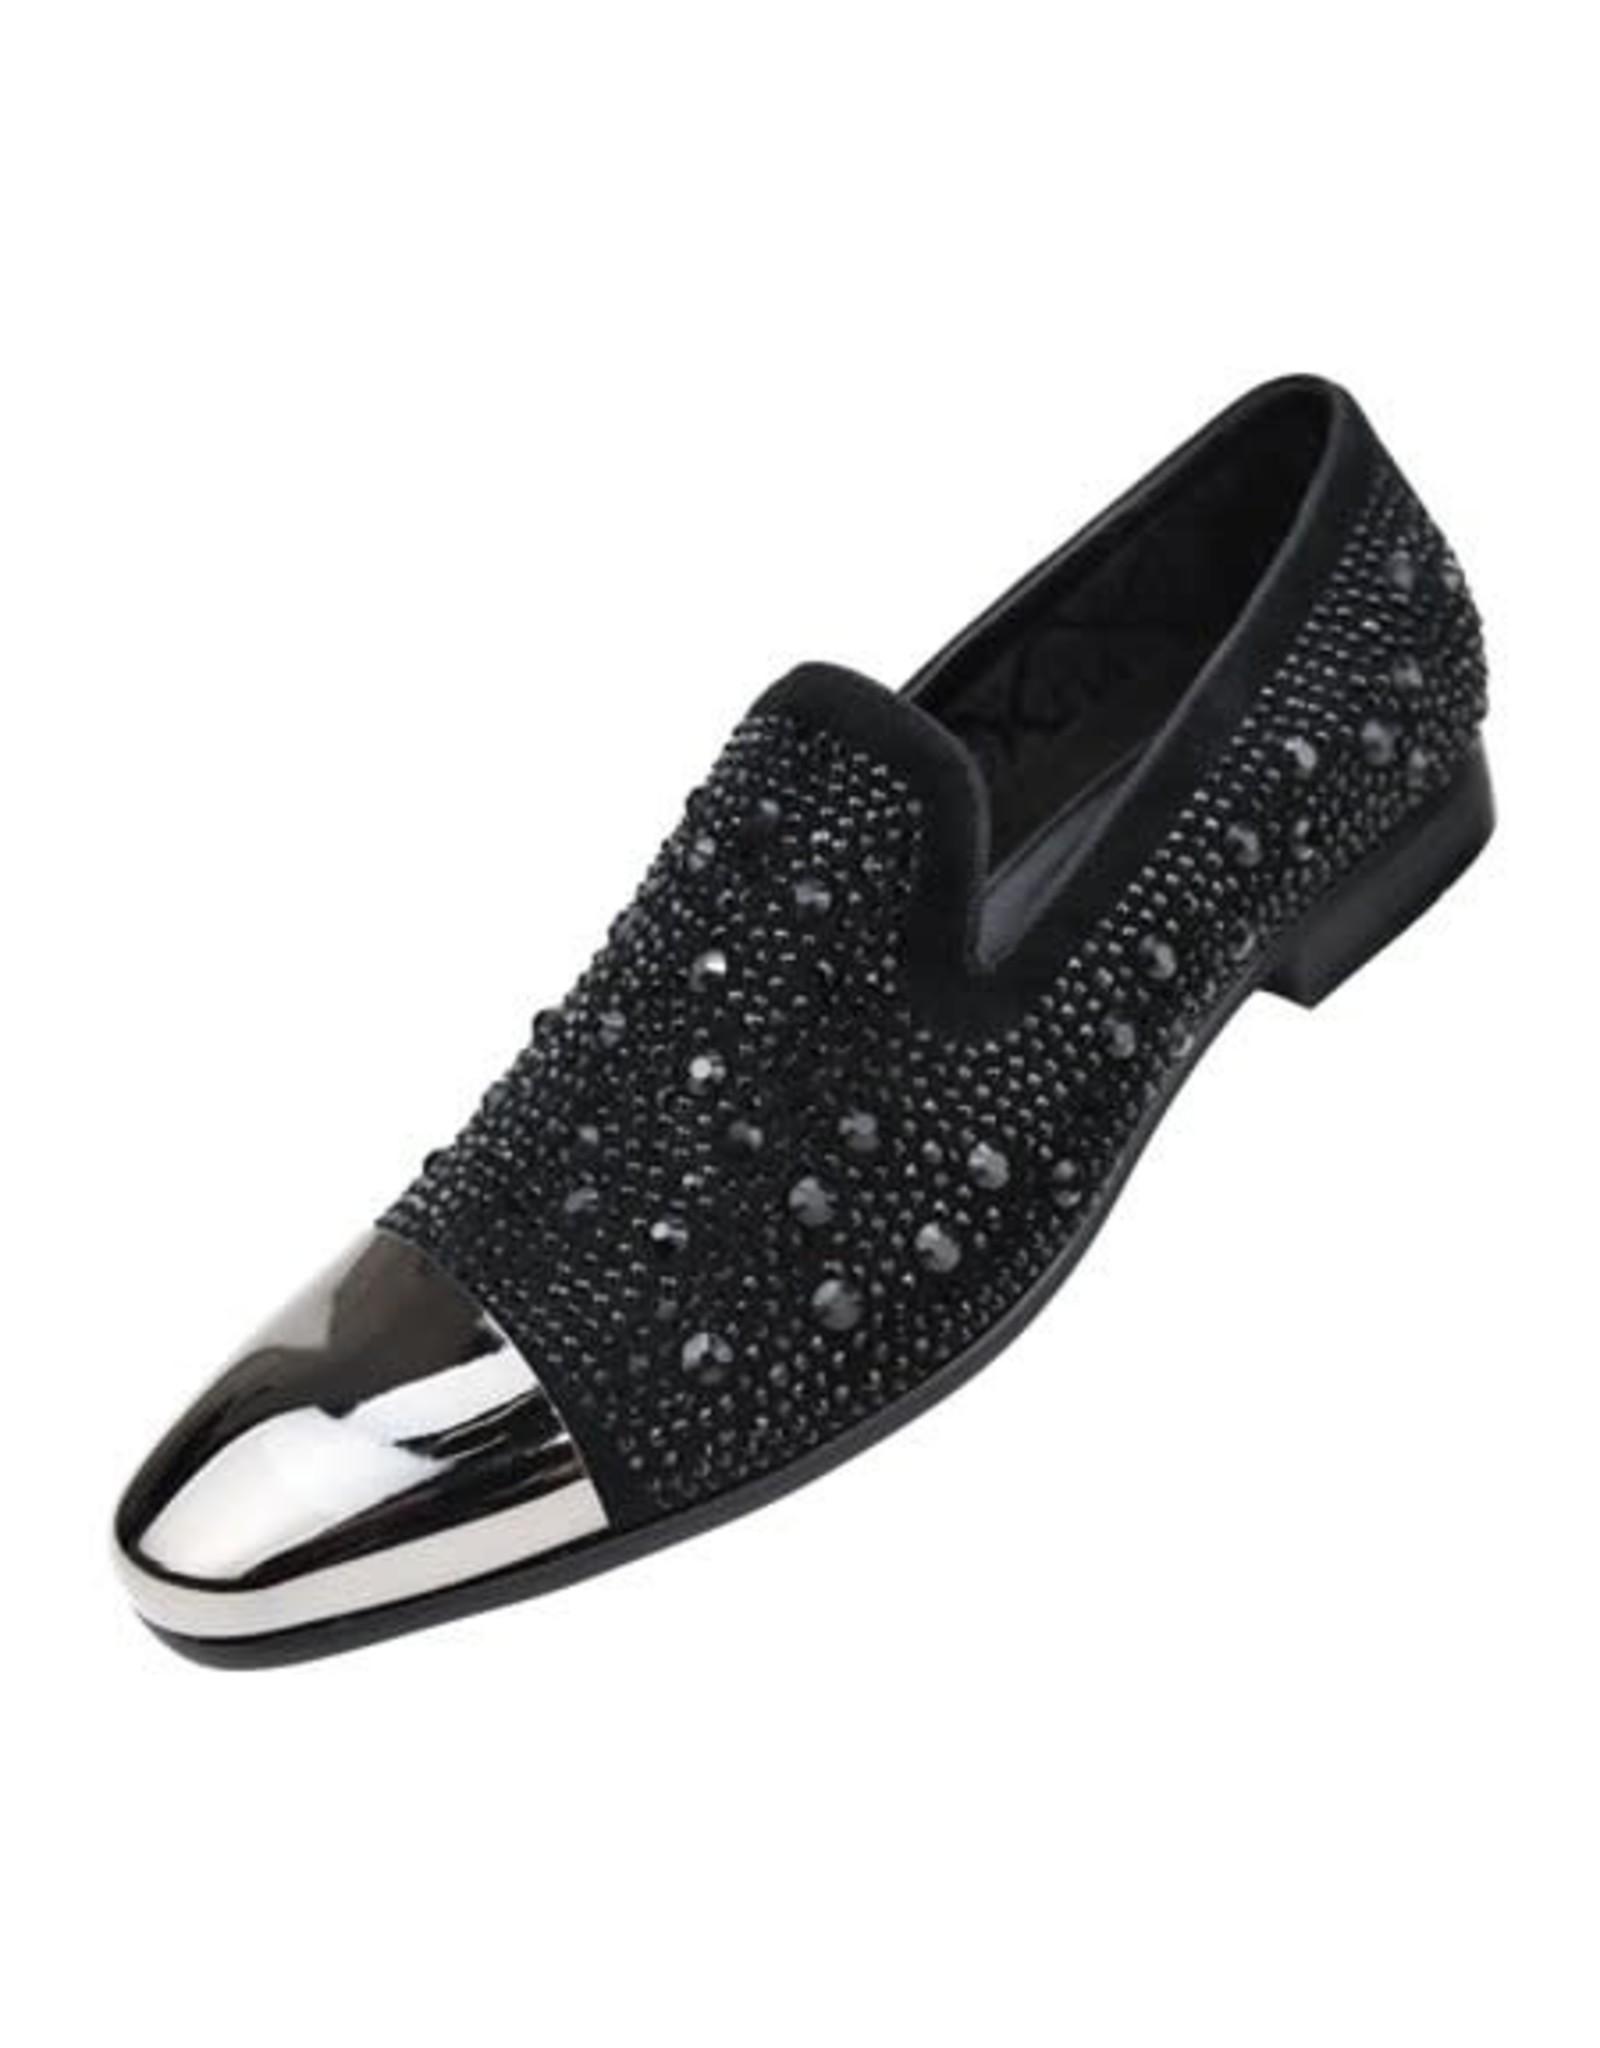 Amali Amali Lugano Formal Shoe - Black